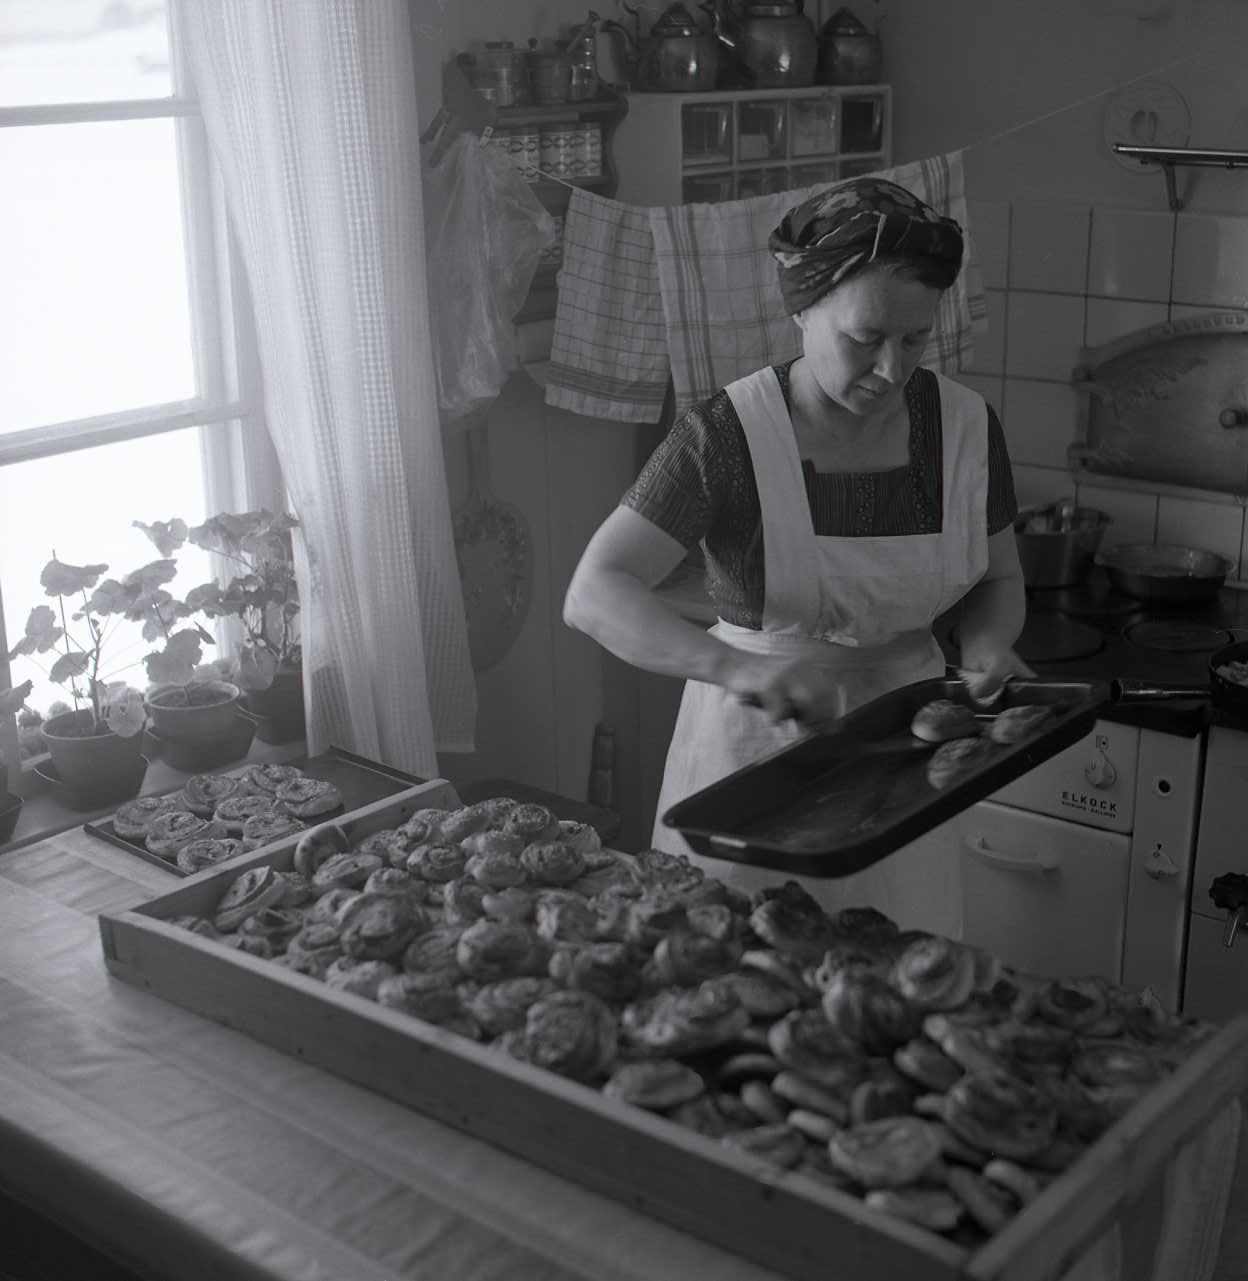 Adéle bakar bullar till kaffet och serverar hantverkarna. Foto Hilding Mickelsson